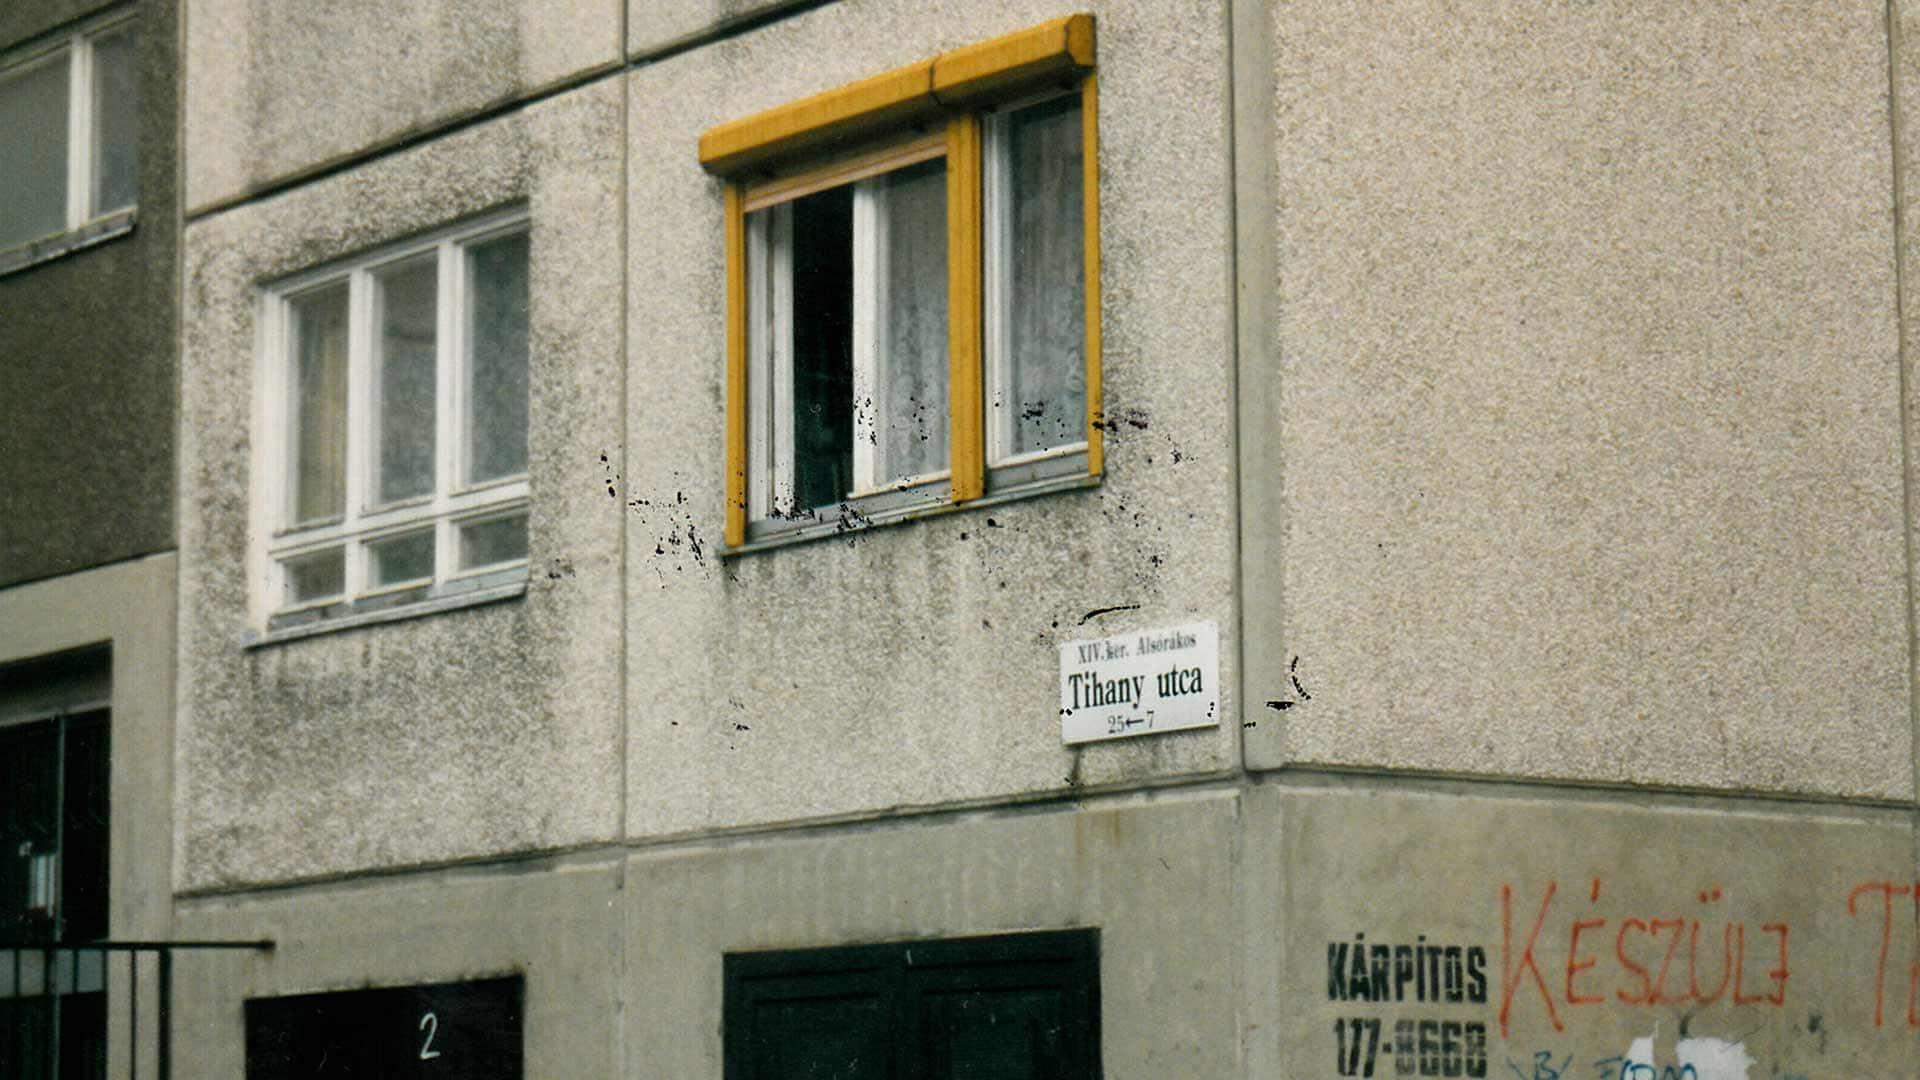 x-company-gelleny-koschwitz-safehouse